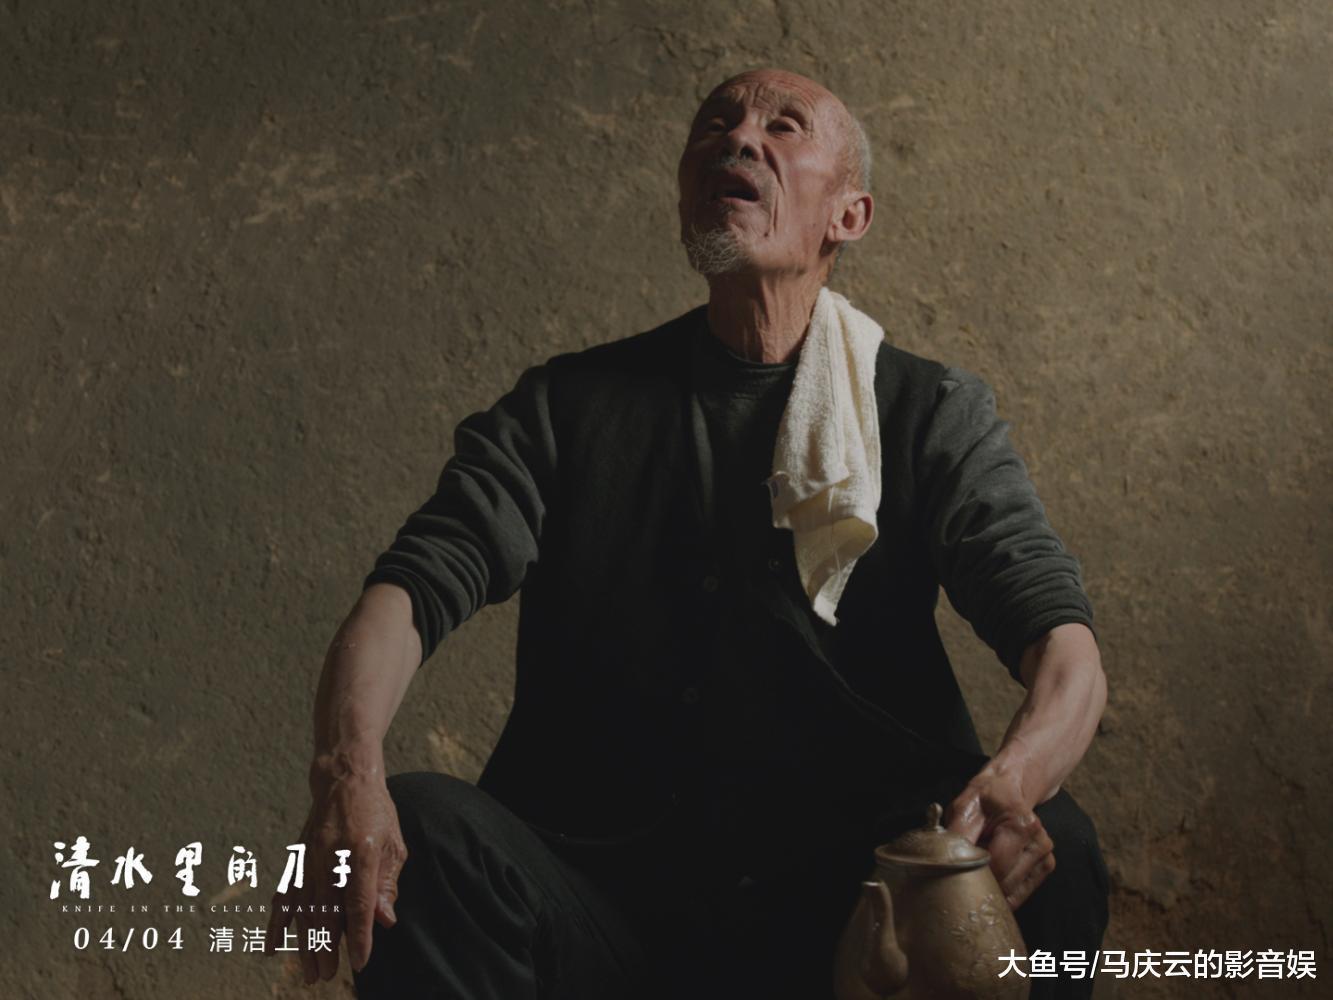 这个拿到国际大奖的农村电影, 让赵本山的《乡村爱情》真正汗颜